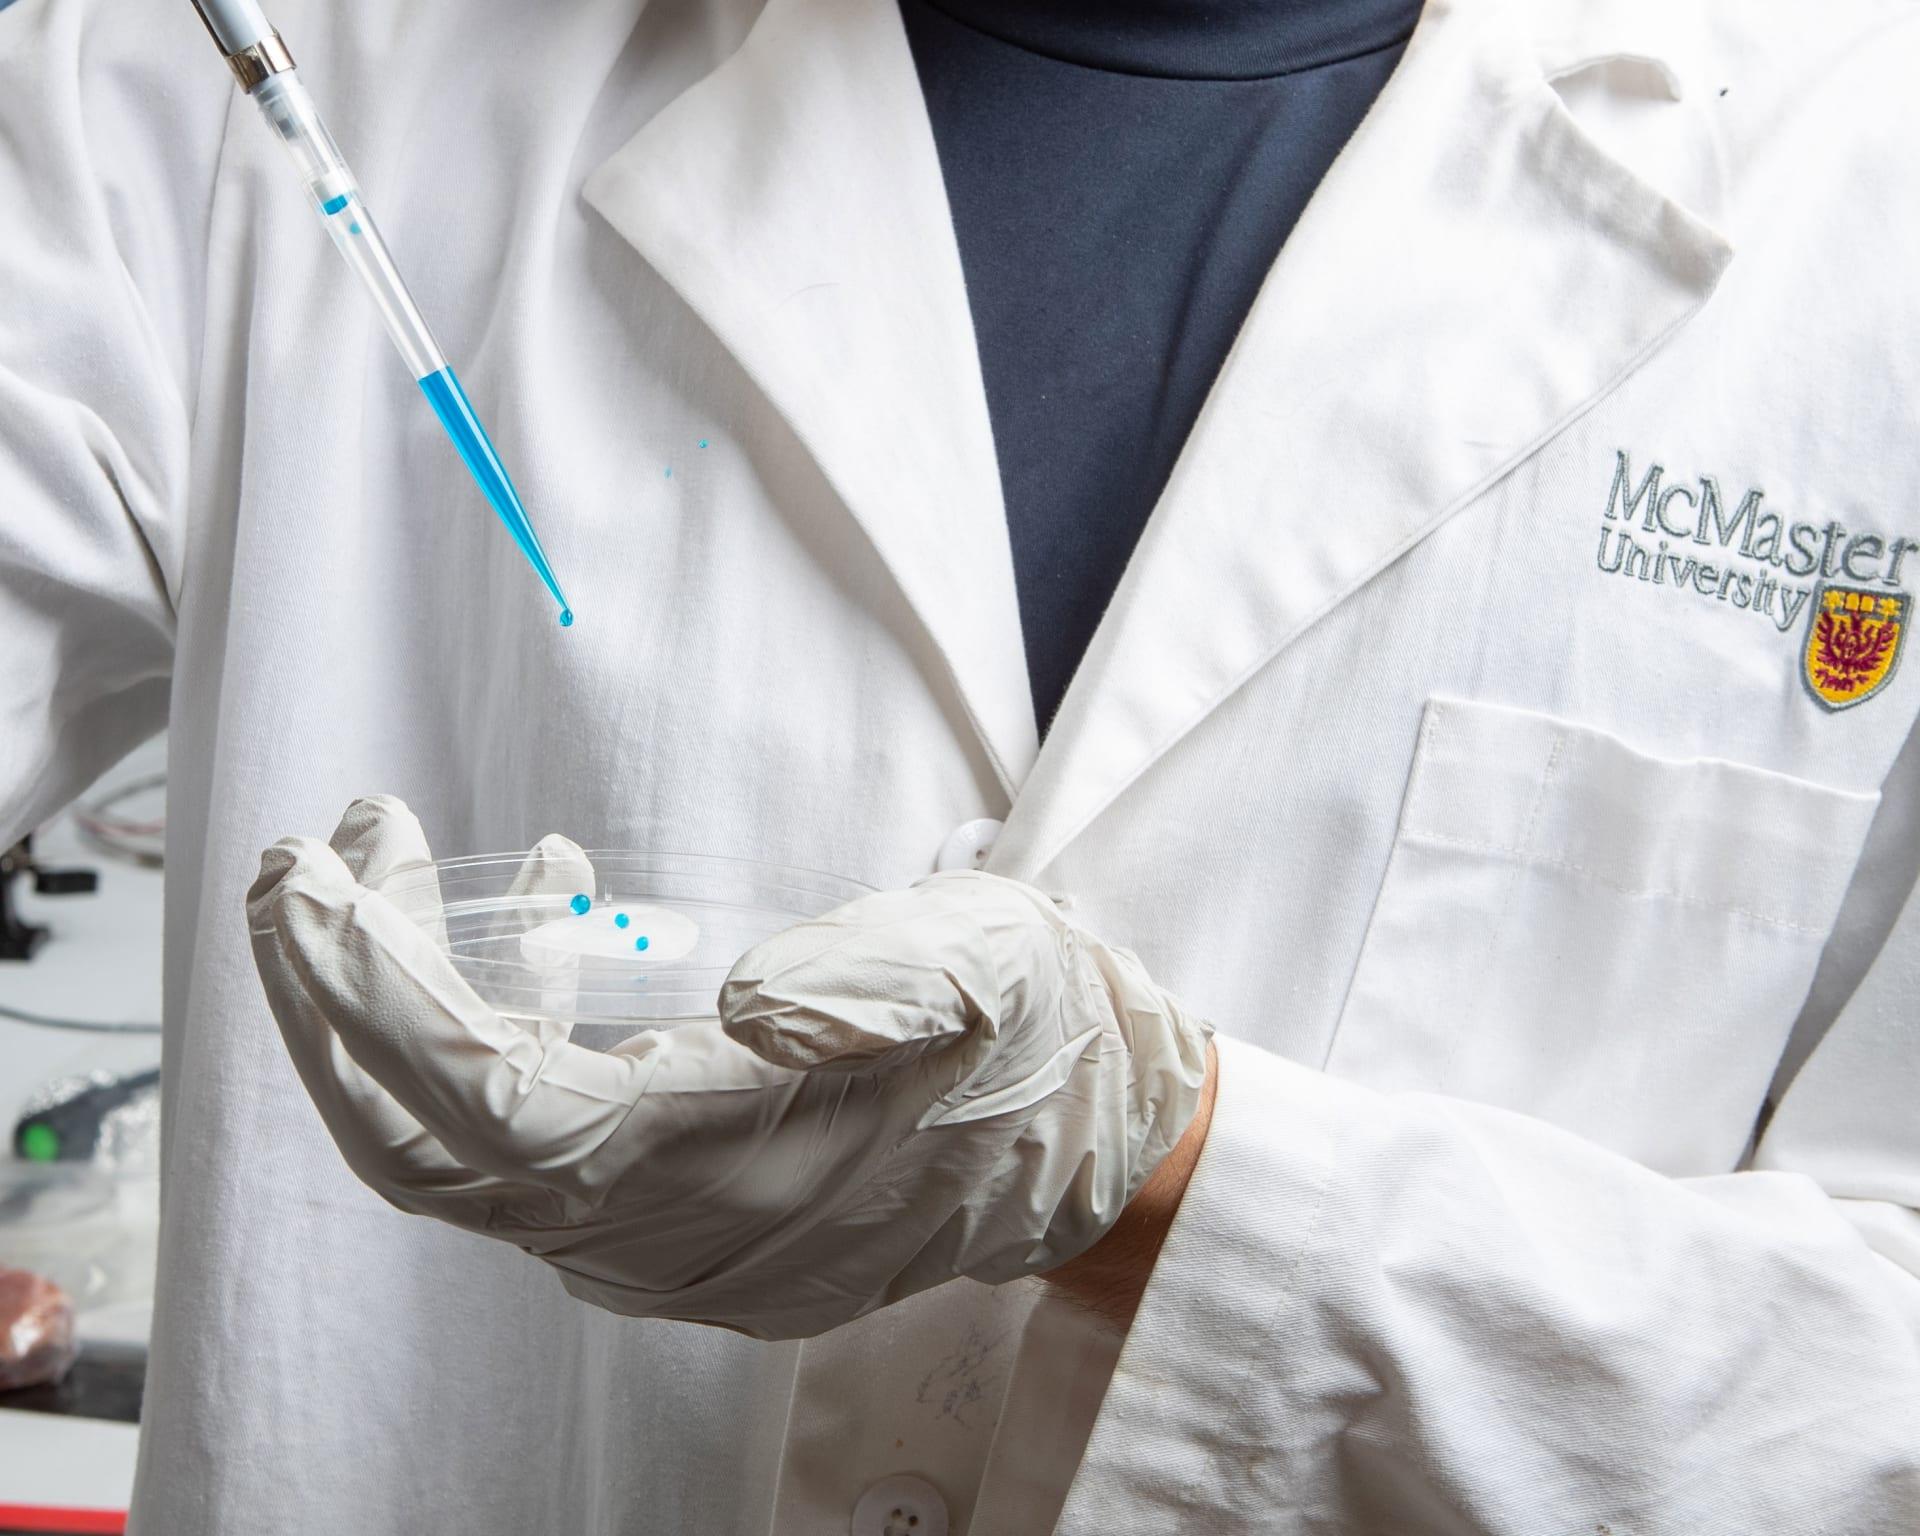 باحثون يطورون غلافا بلاستيكيا جديدا في جامعة مكماستر يصد كل ما يلمسه بما في ذلك الفيروسات والبكتيريا